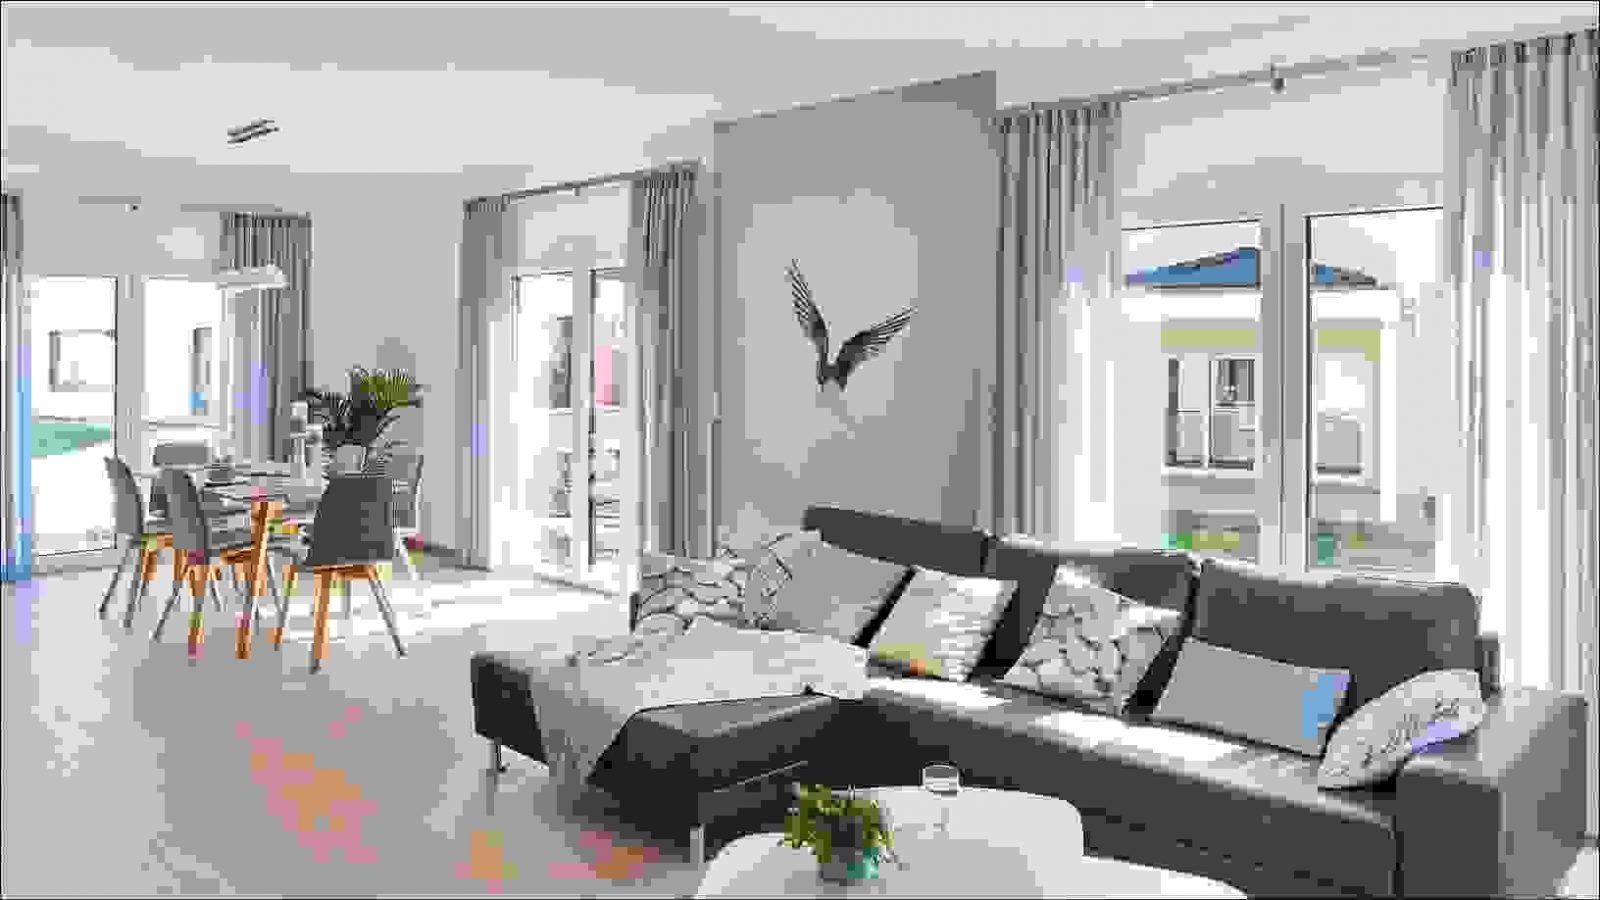 Vorhänge Halblang Ist Das Beste Von Ideen Von Gardinen Für von Gardinen Ideen Für Bodentiefe Fenster Bild